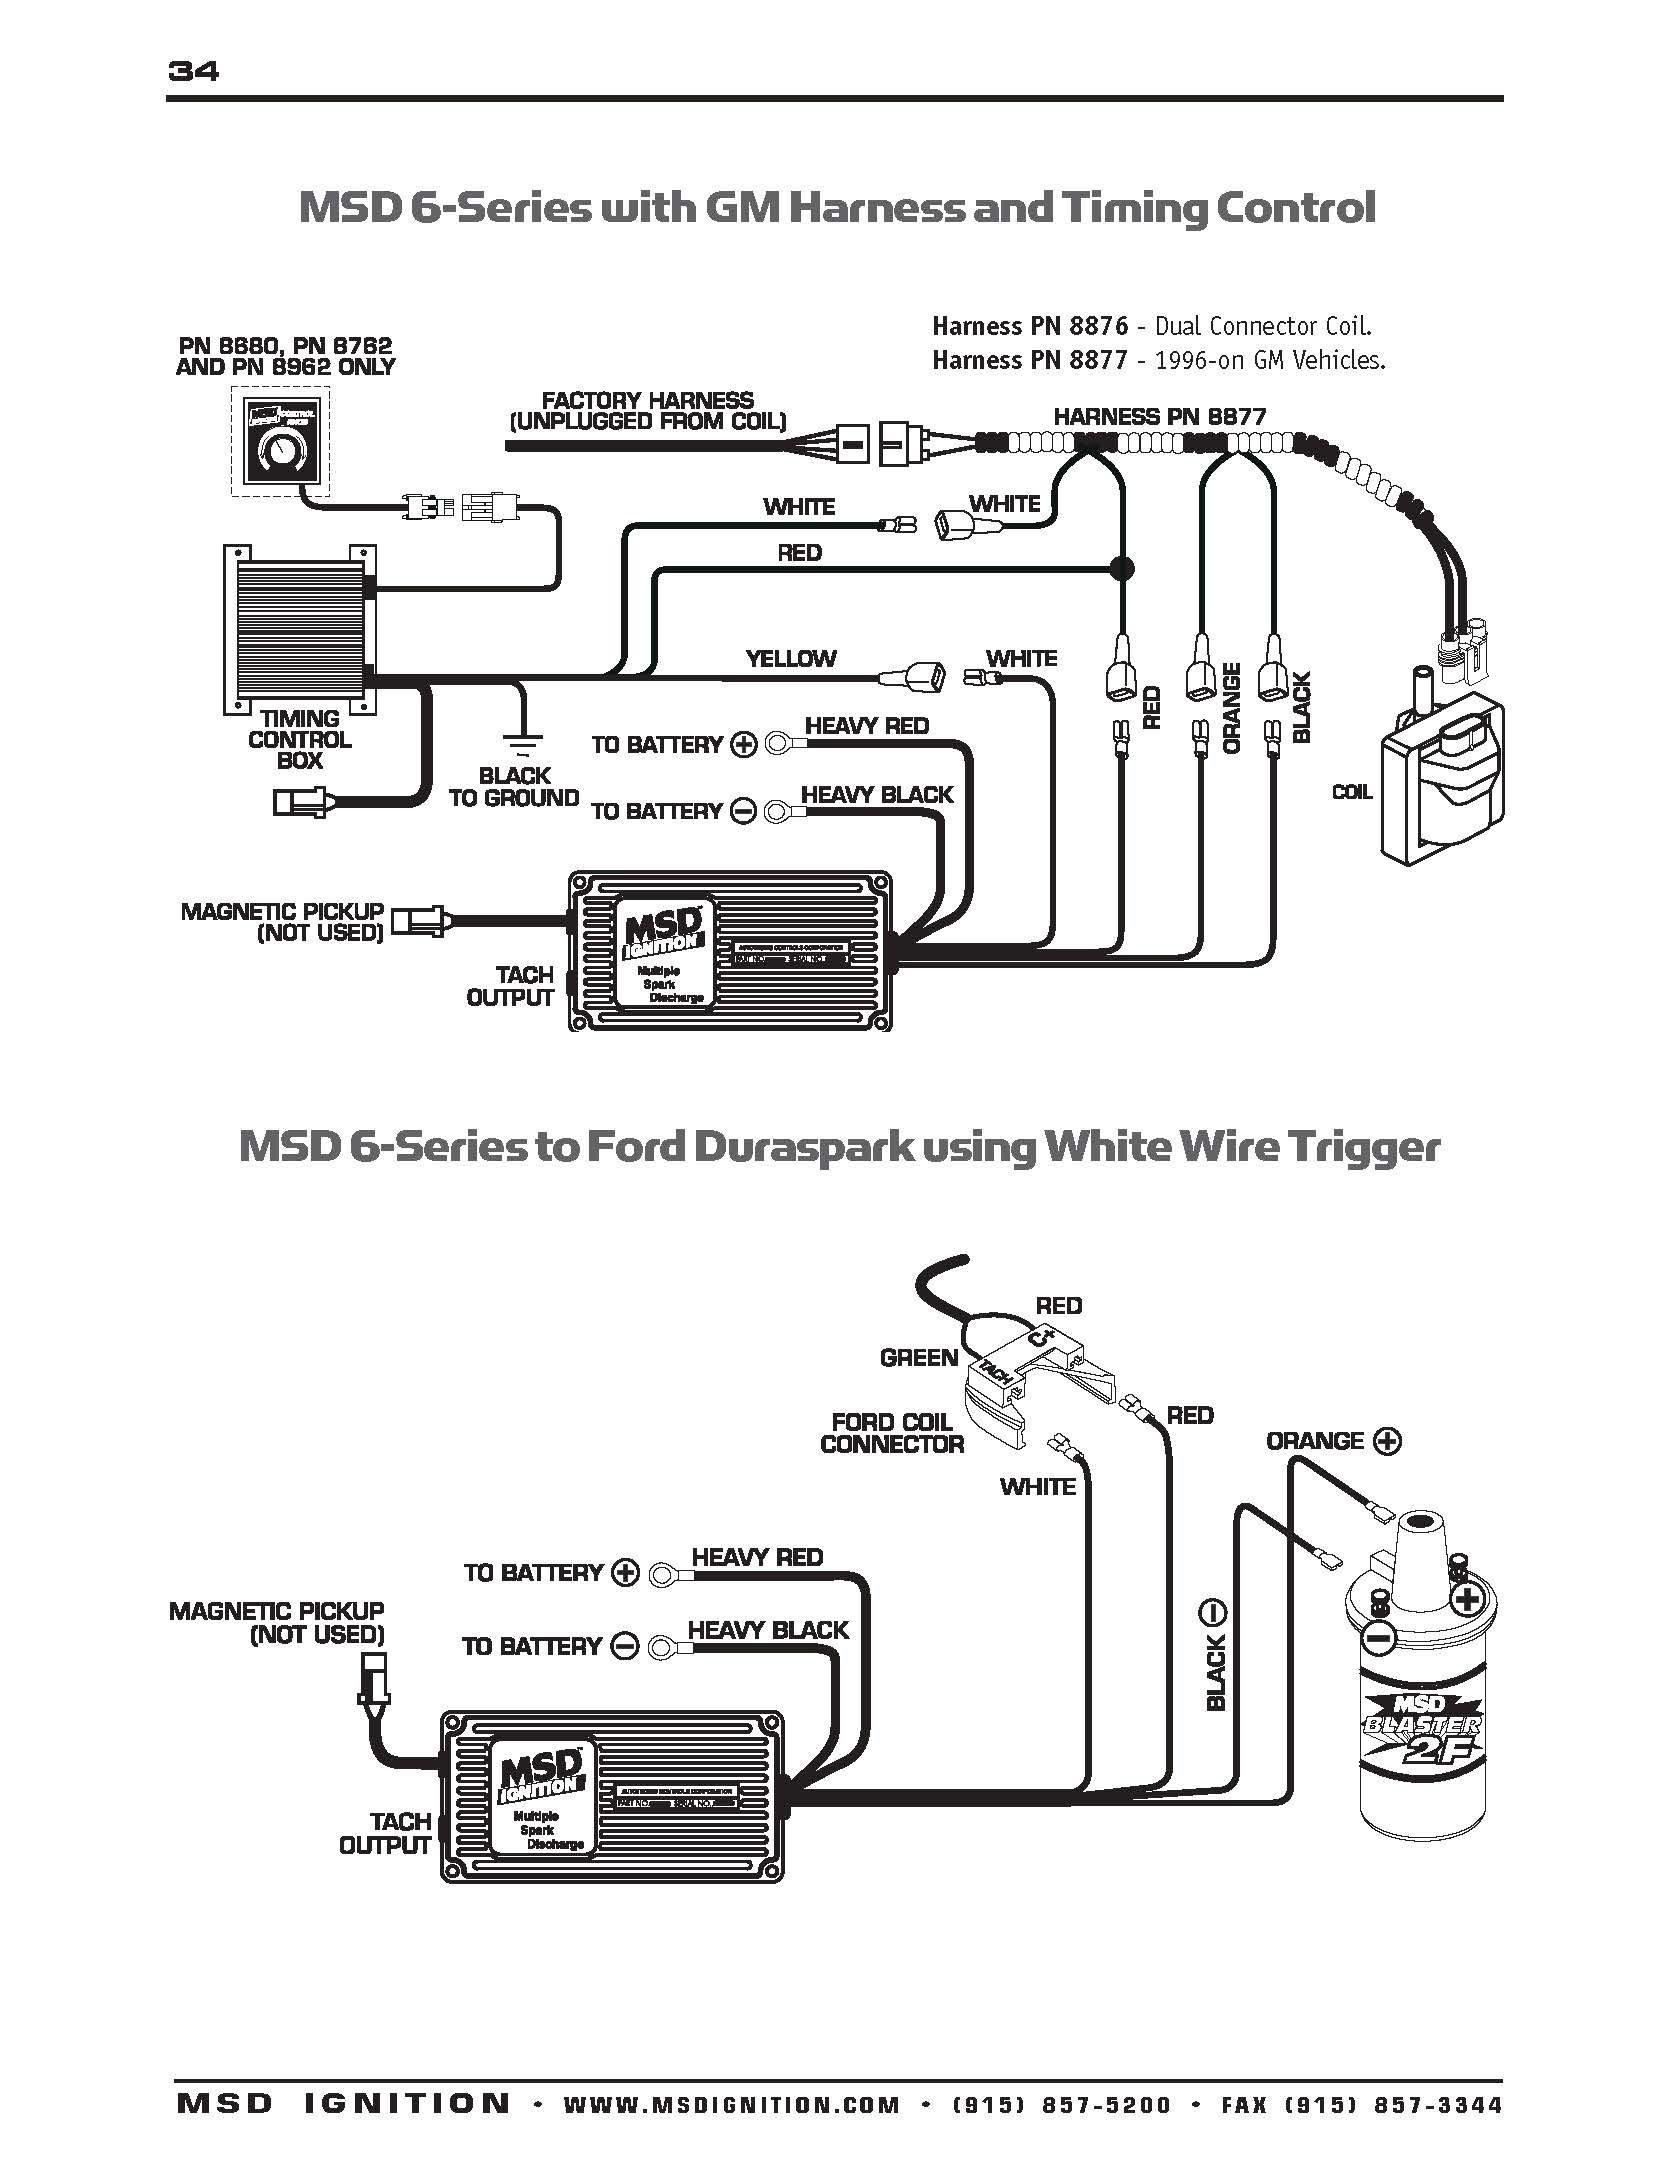 Duraspark 2 Wiring Diagram Unique Msd 8920 Wiring Diagram Wiring Diagrams  Schematics Duraspark 2 Wiring